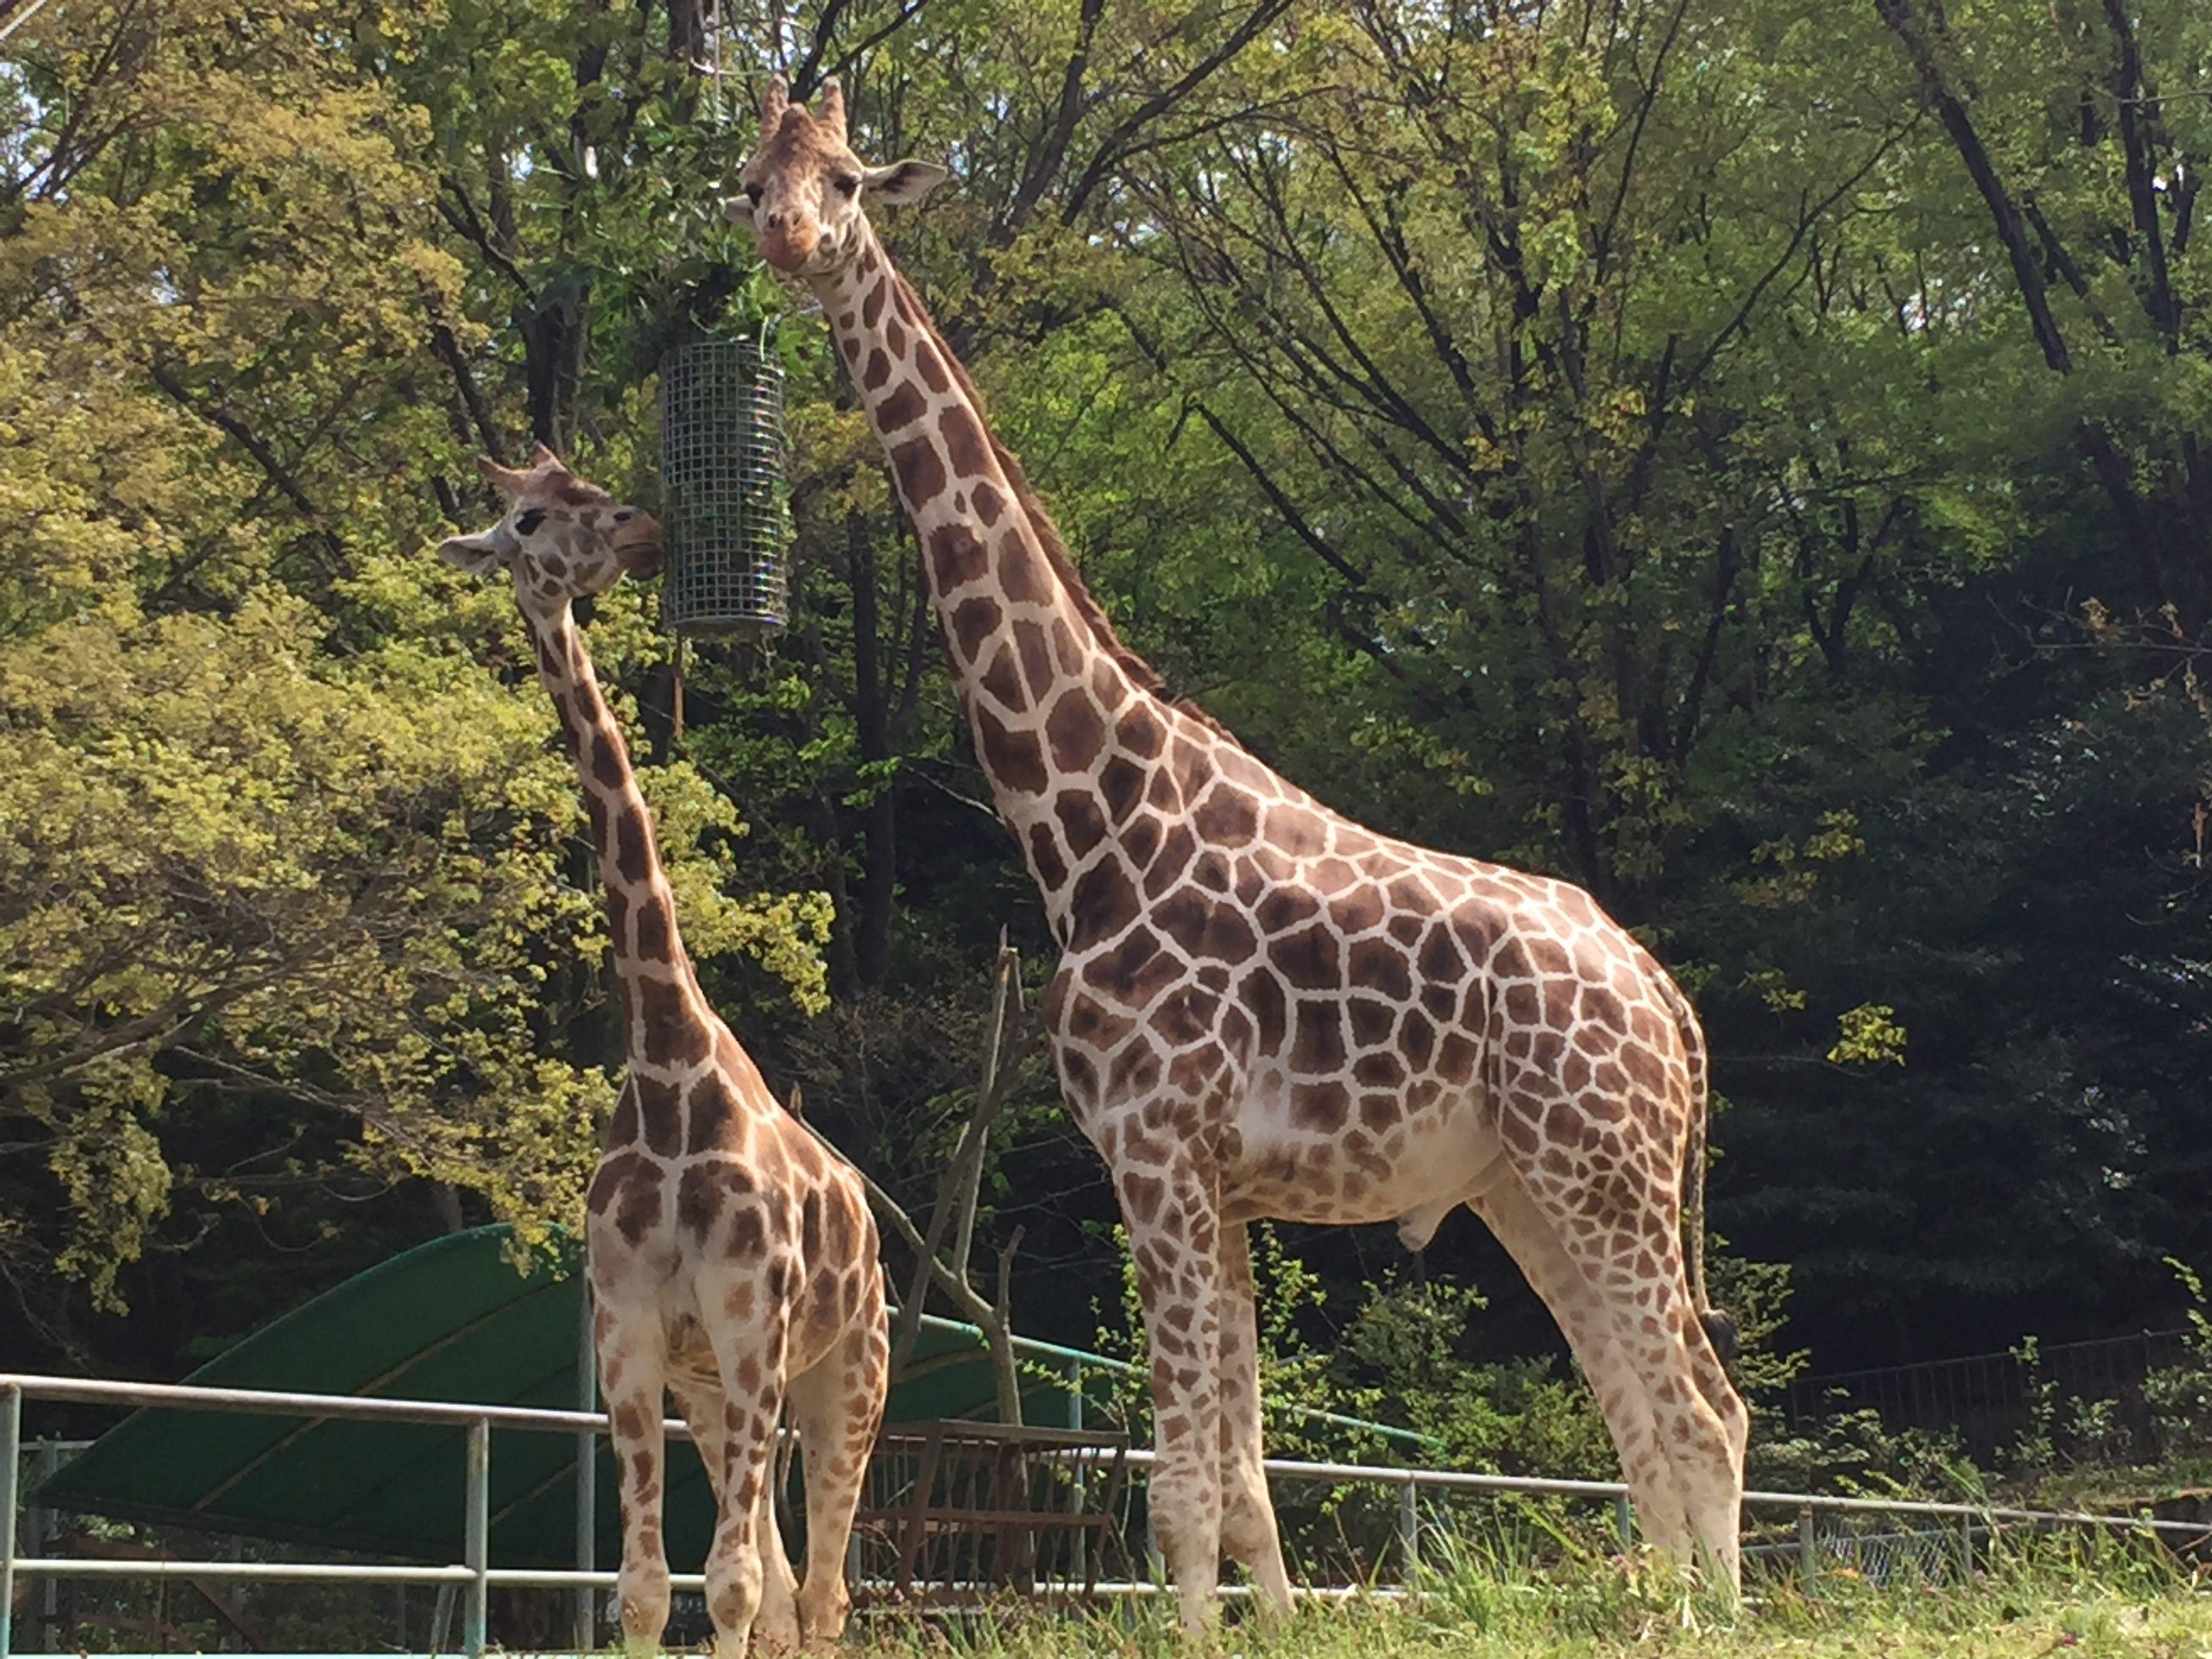 higashiyama-zoo-giraffe